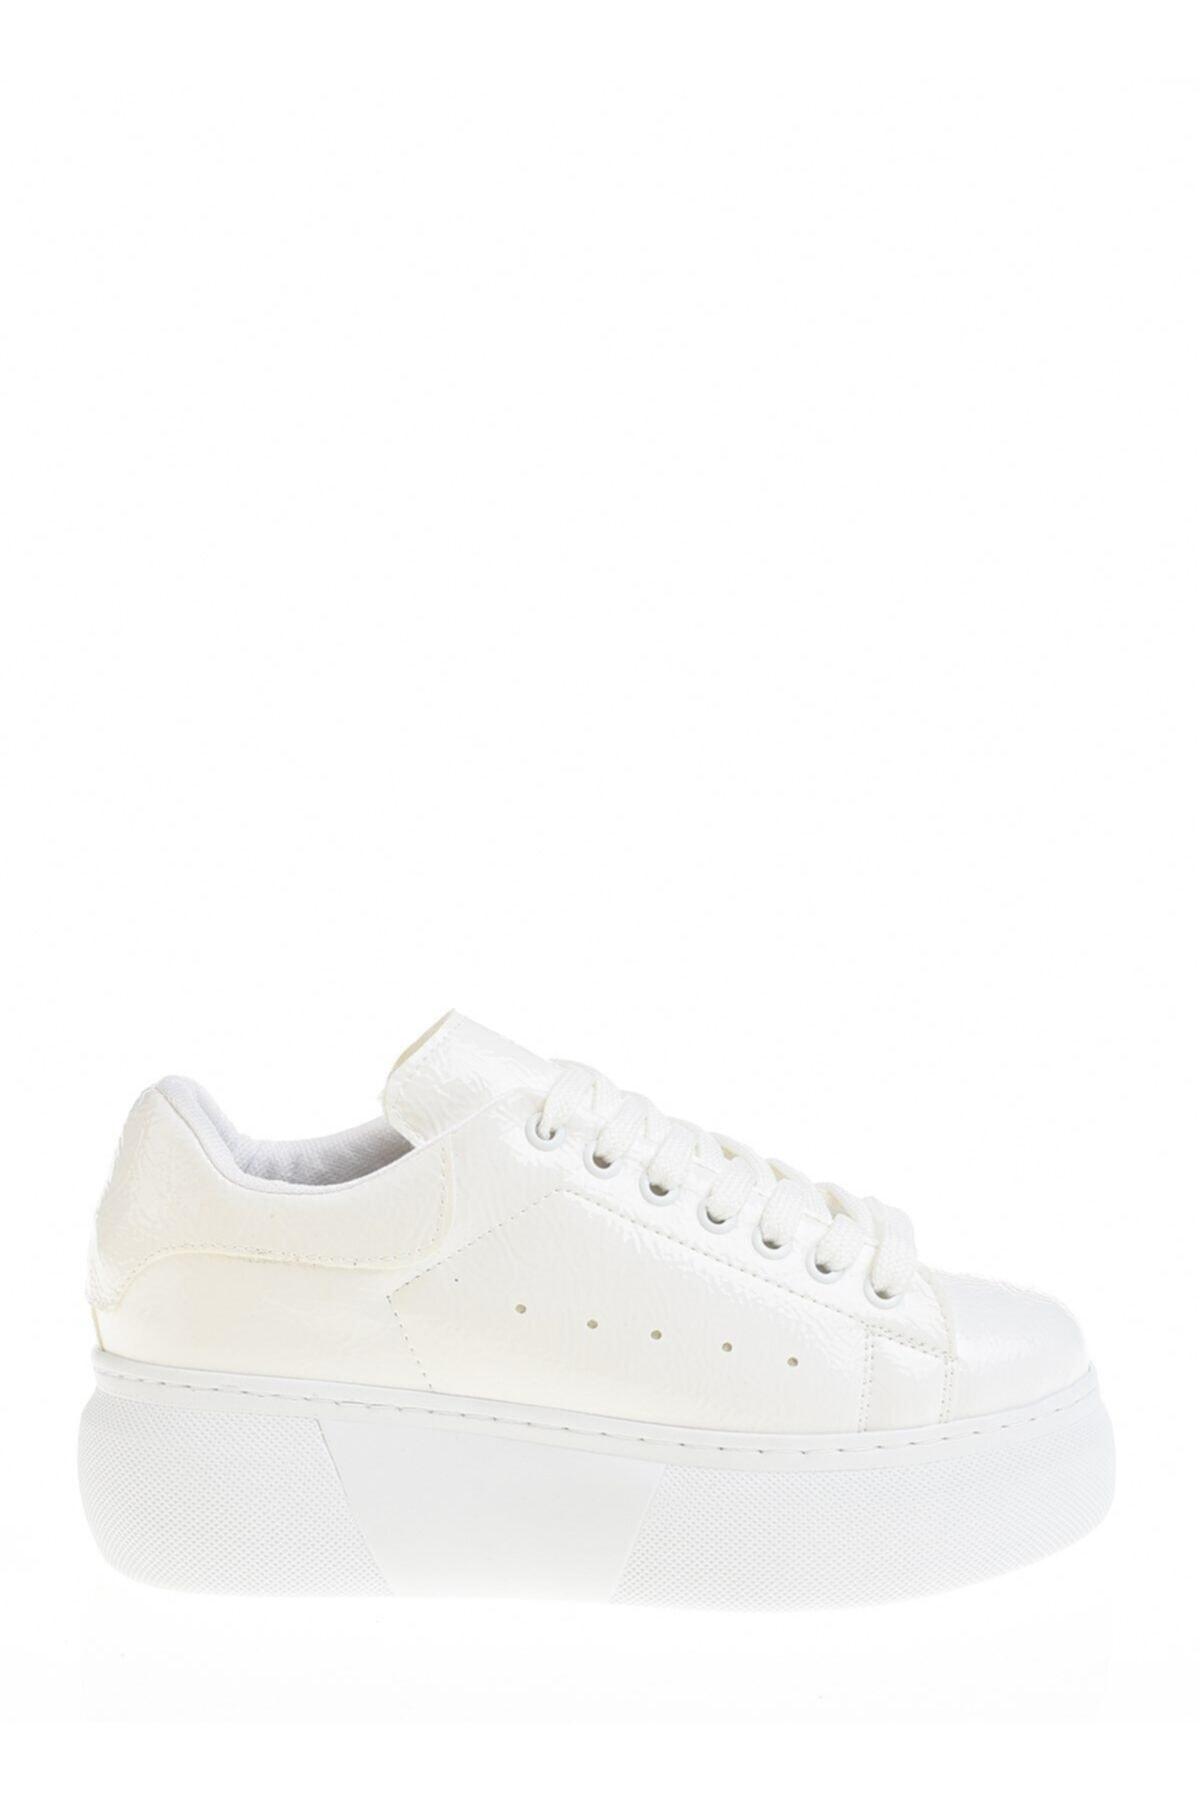 Derigo Beyaz Kadın Günlük Ayakkabı 395011 2